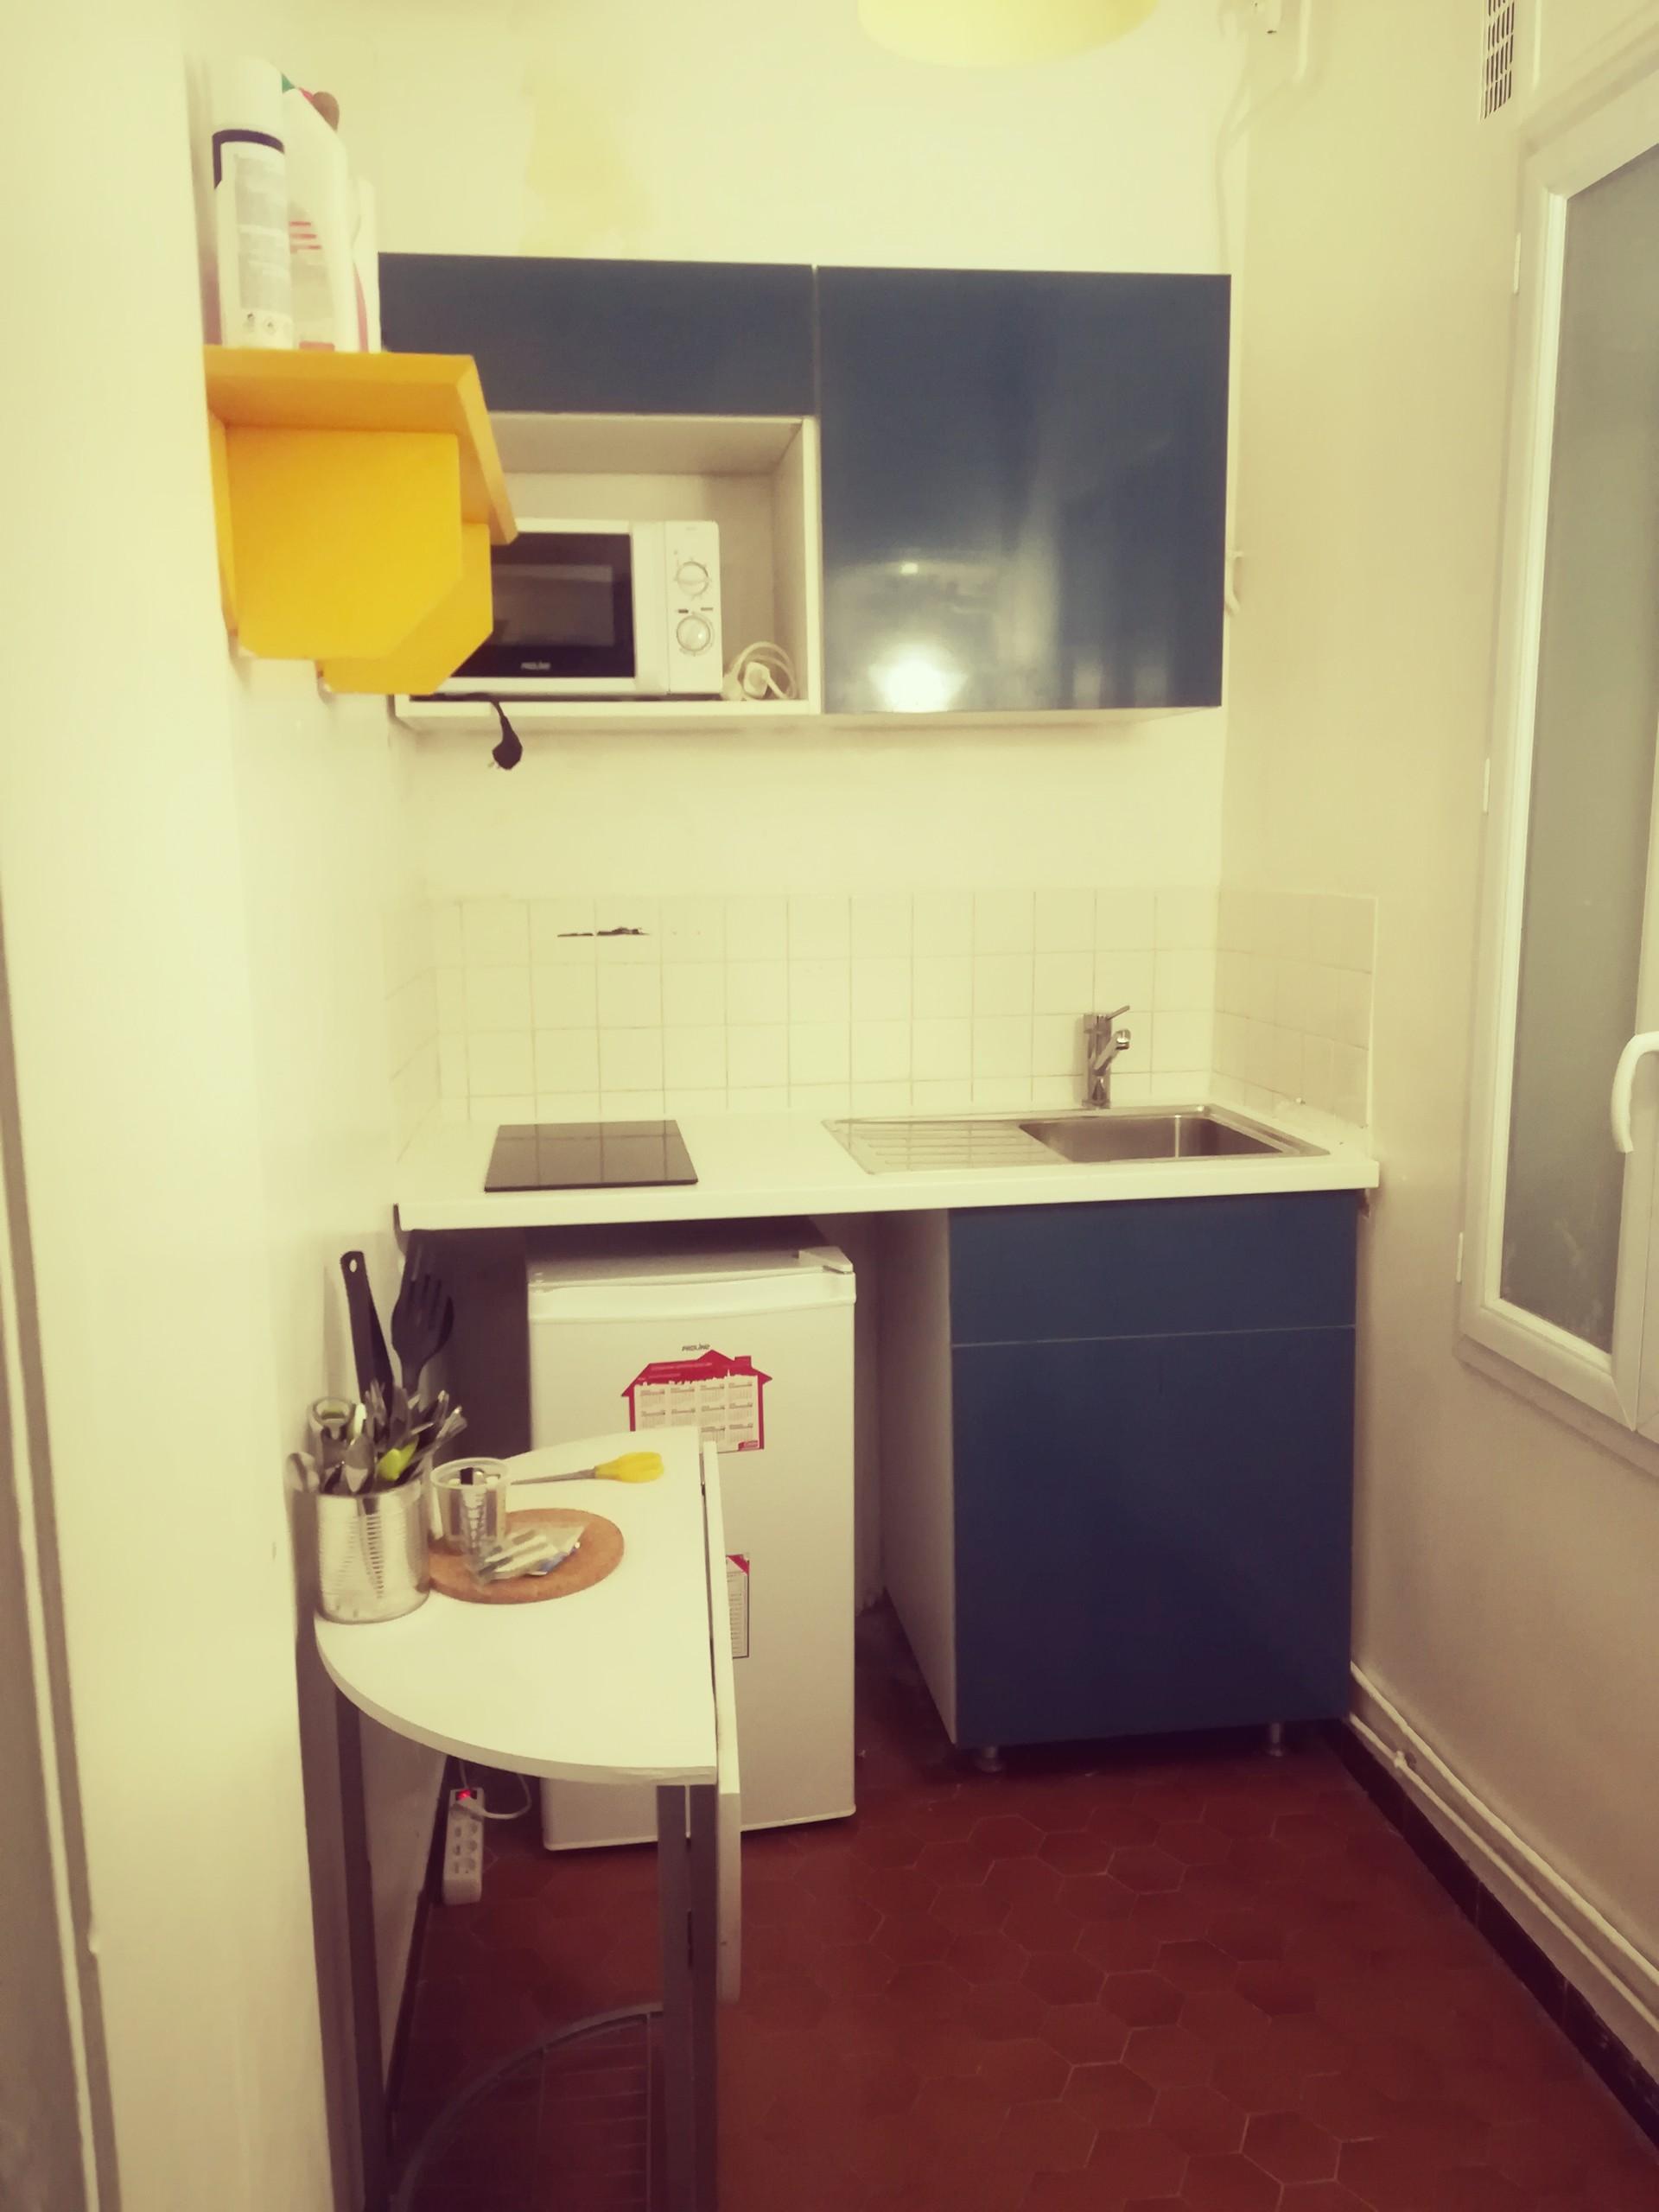 Studio 20 M2 in PAris 17eme Batignoles | Rent studios Paris